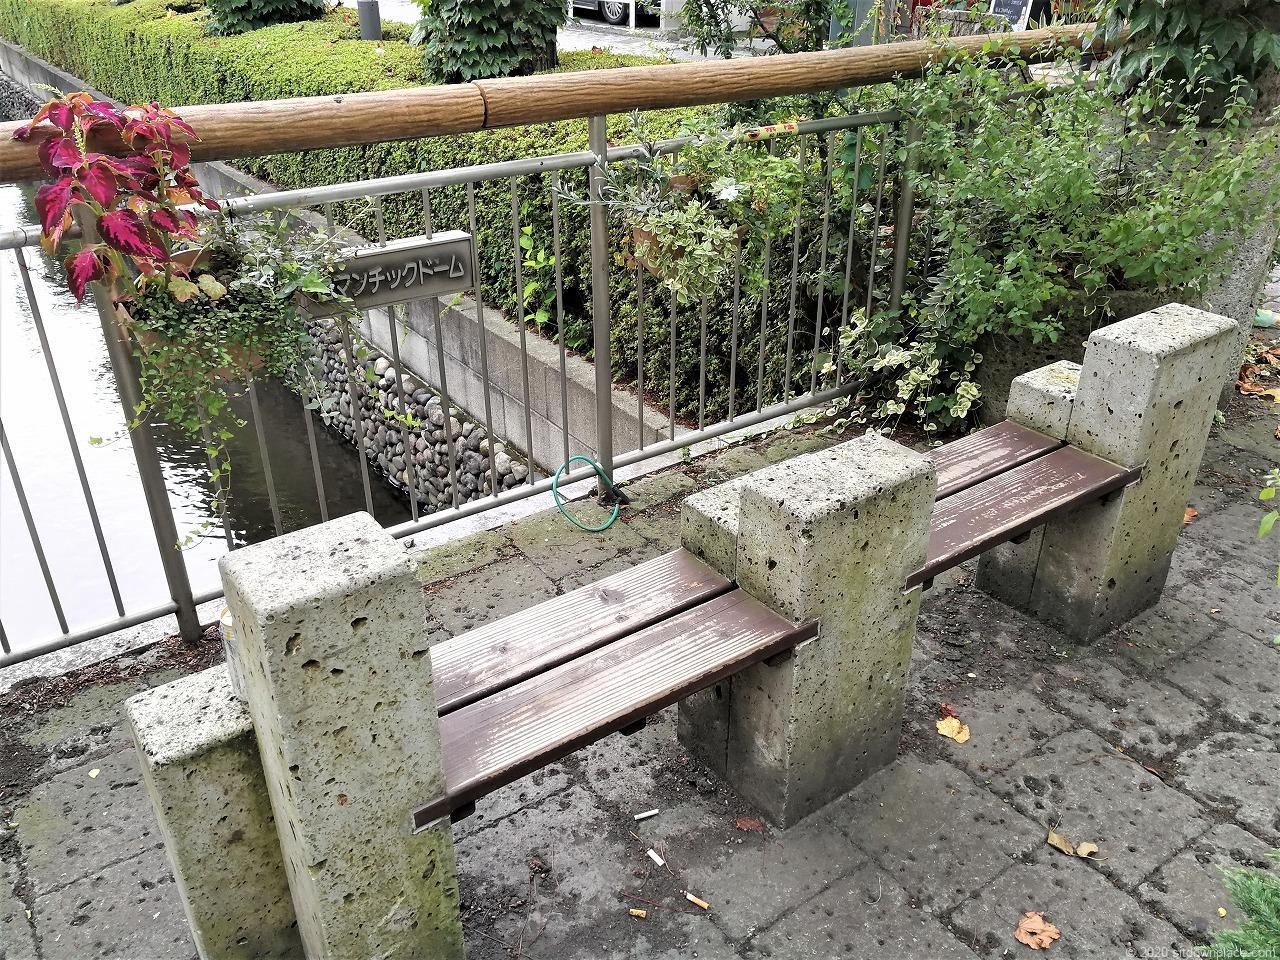 東武宇都宮駅 釜川プロムナード ロマンチックドームの休憩場所のベンチ